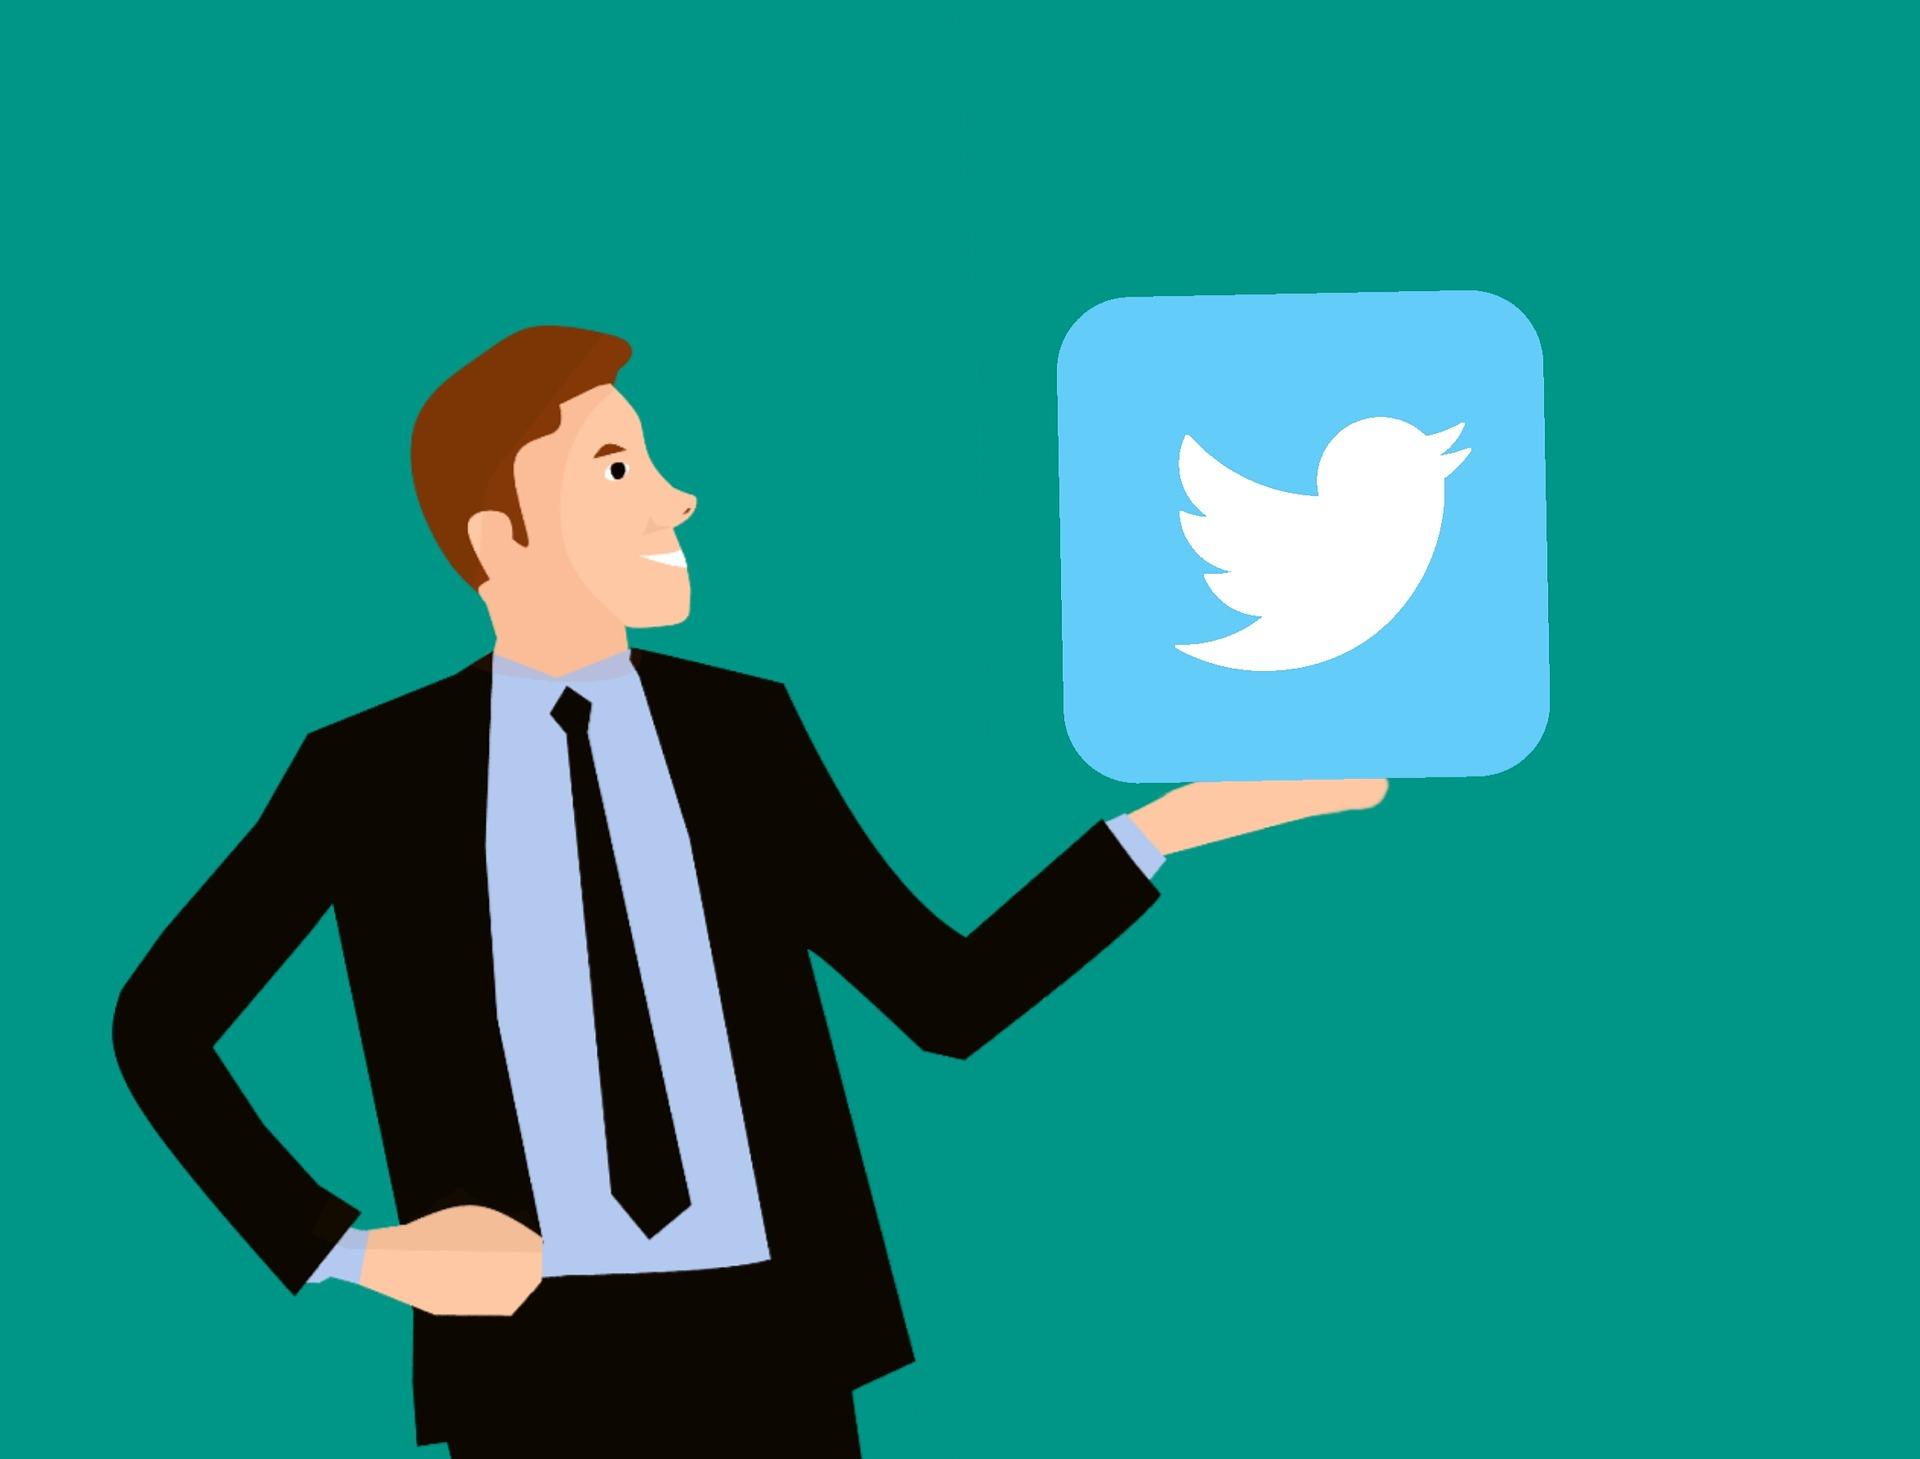 Twitterも仮想通貨関連の広告禁止か?